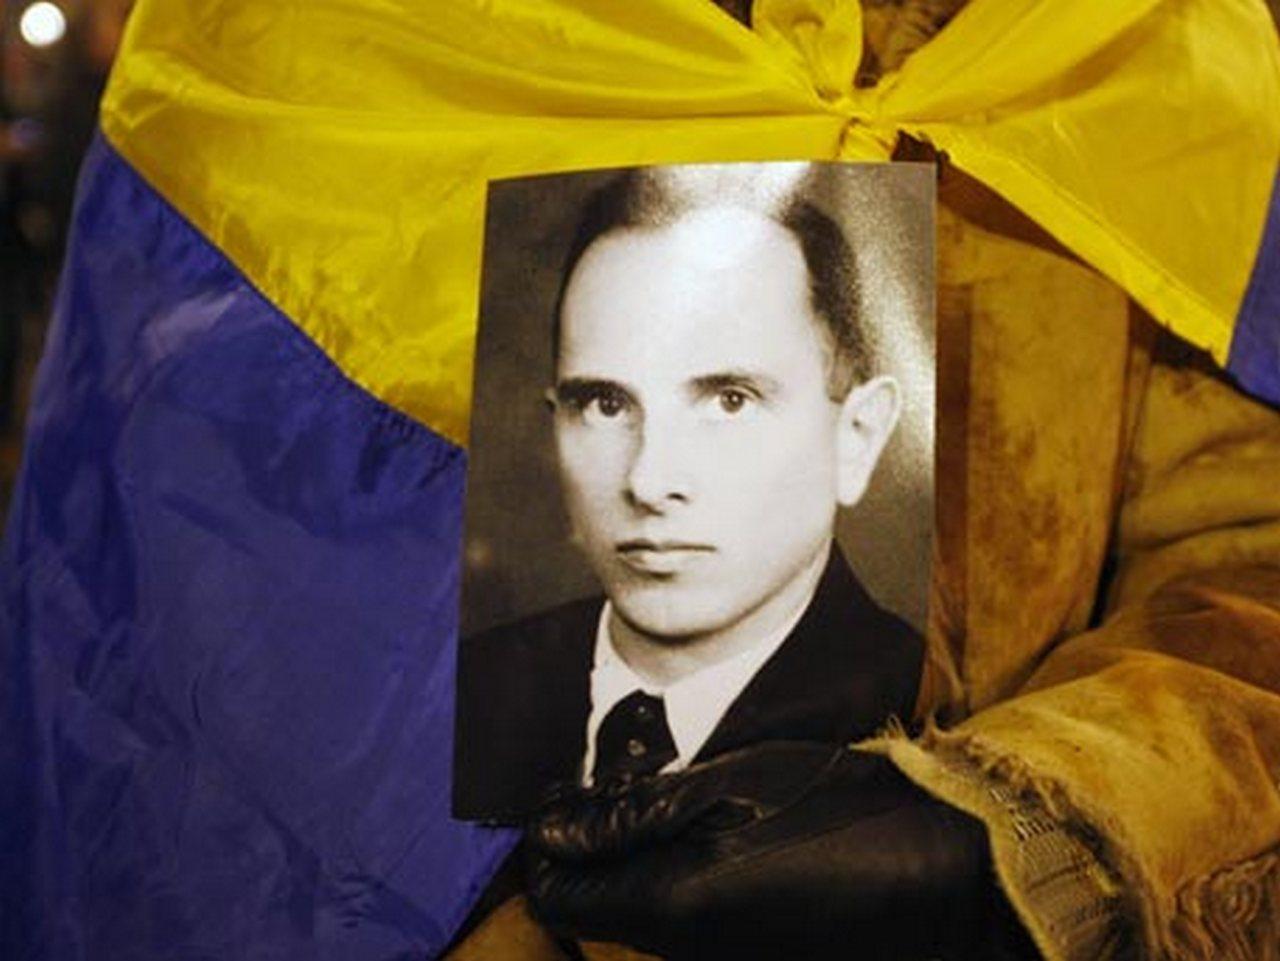 Преступления, которые нельзя забыть: в Польше издана книга о Бандере